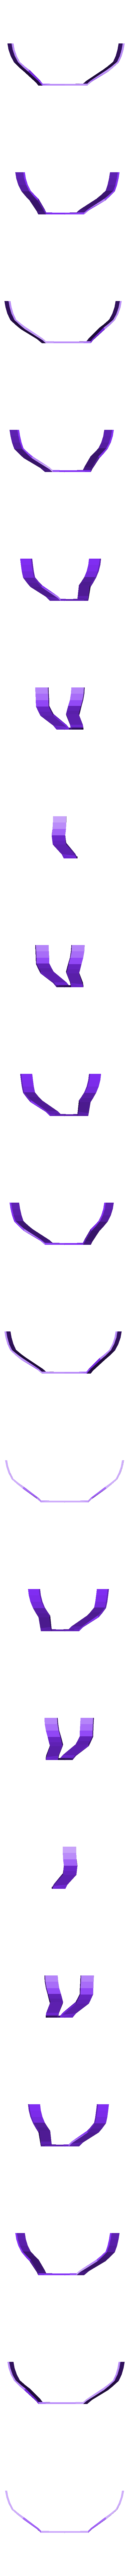 Second_Sister_Lens.stl Download free STL file Star Wars Second Sister Helmet • 3D printer object, valertale